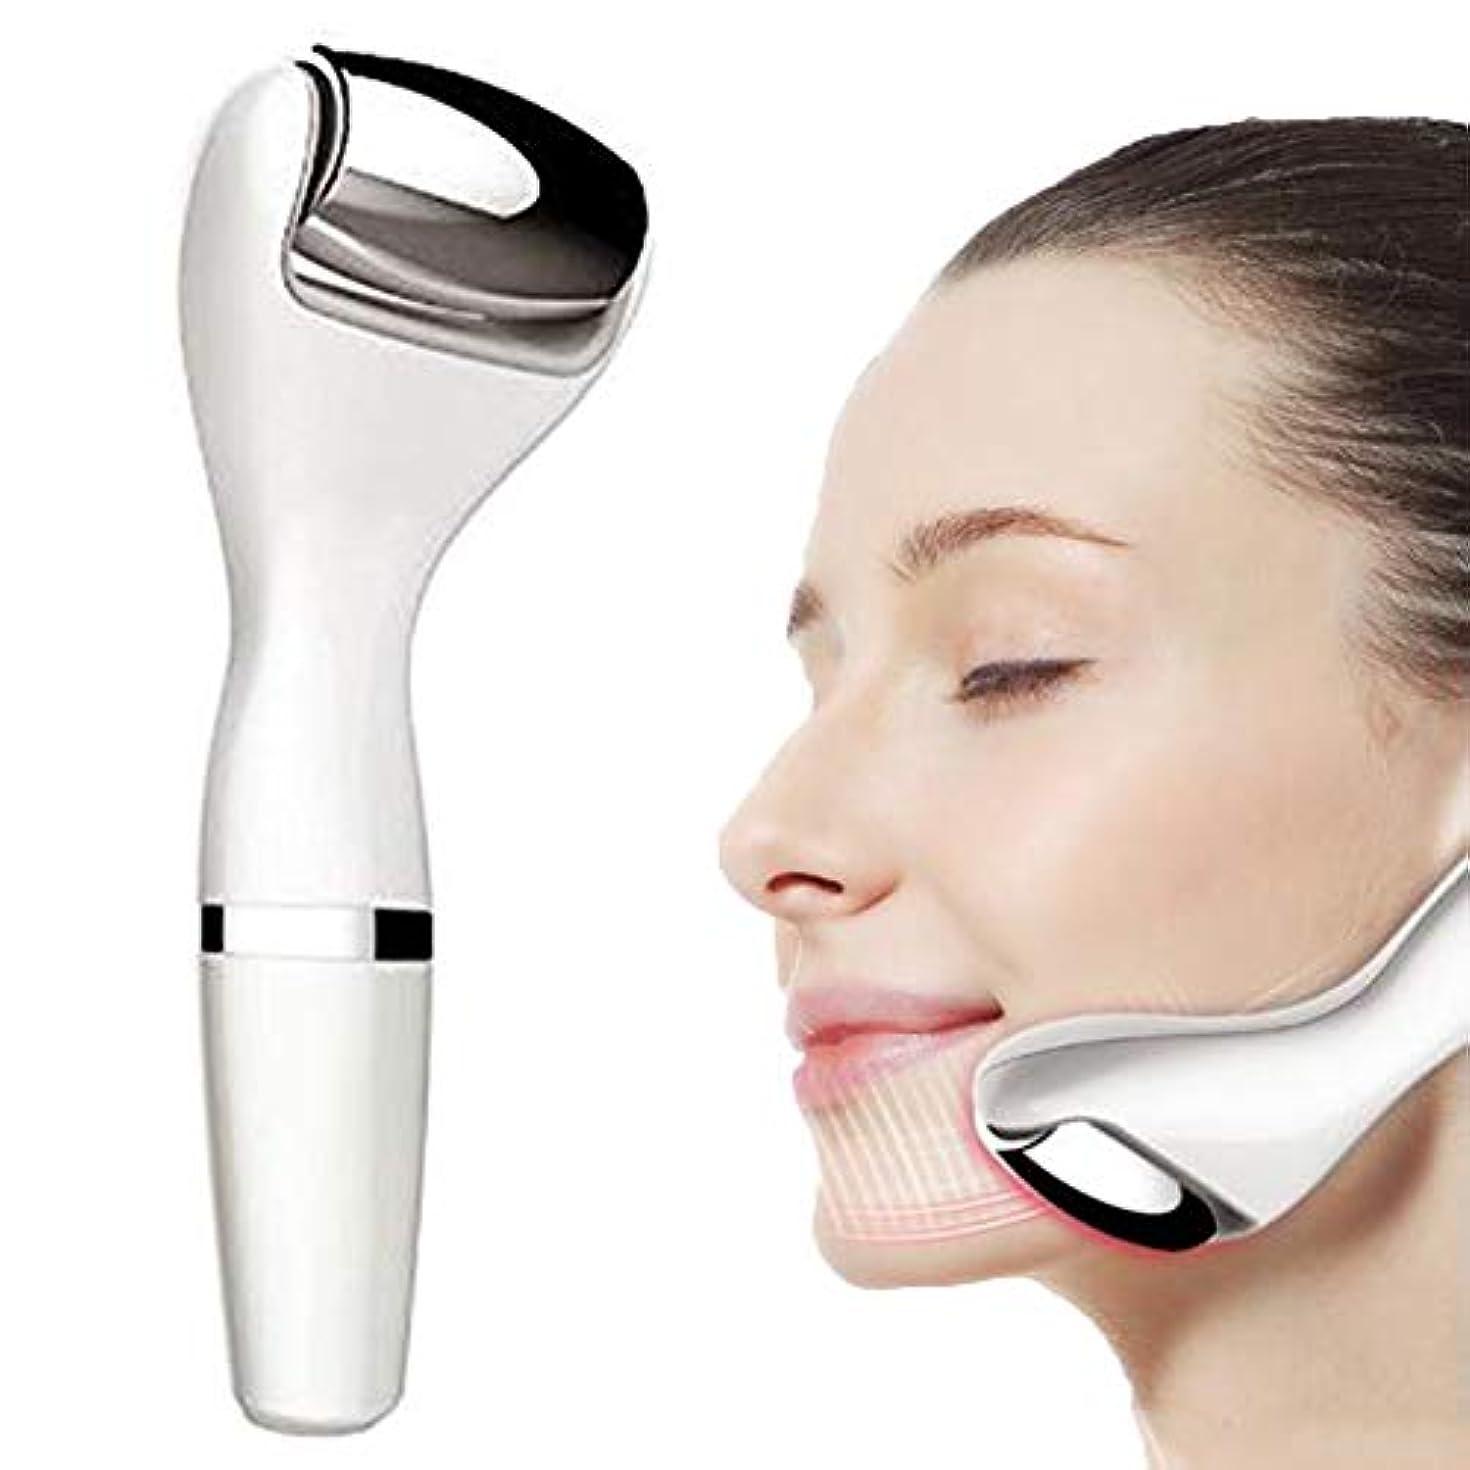 感染する事業内容米国美容機器 - リフティングと引き締め美容機器マイクロ電流細い線の軽減家庭用顔インポートエッセンス振動マッサージ